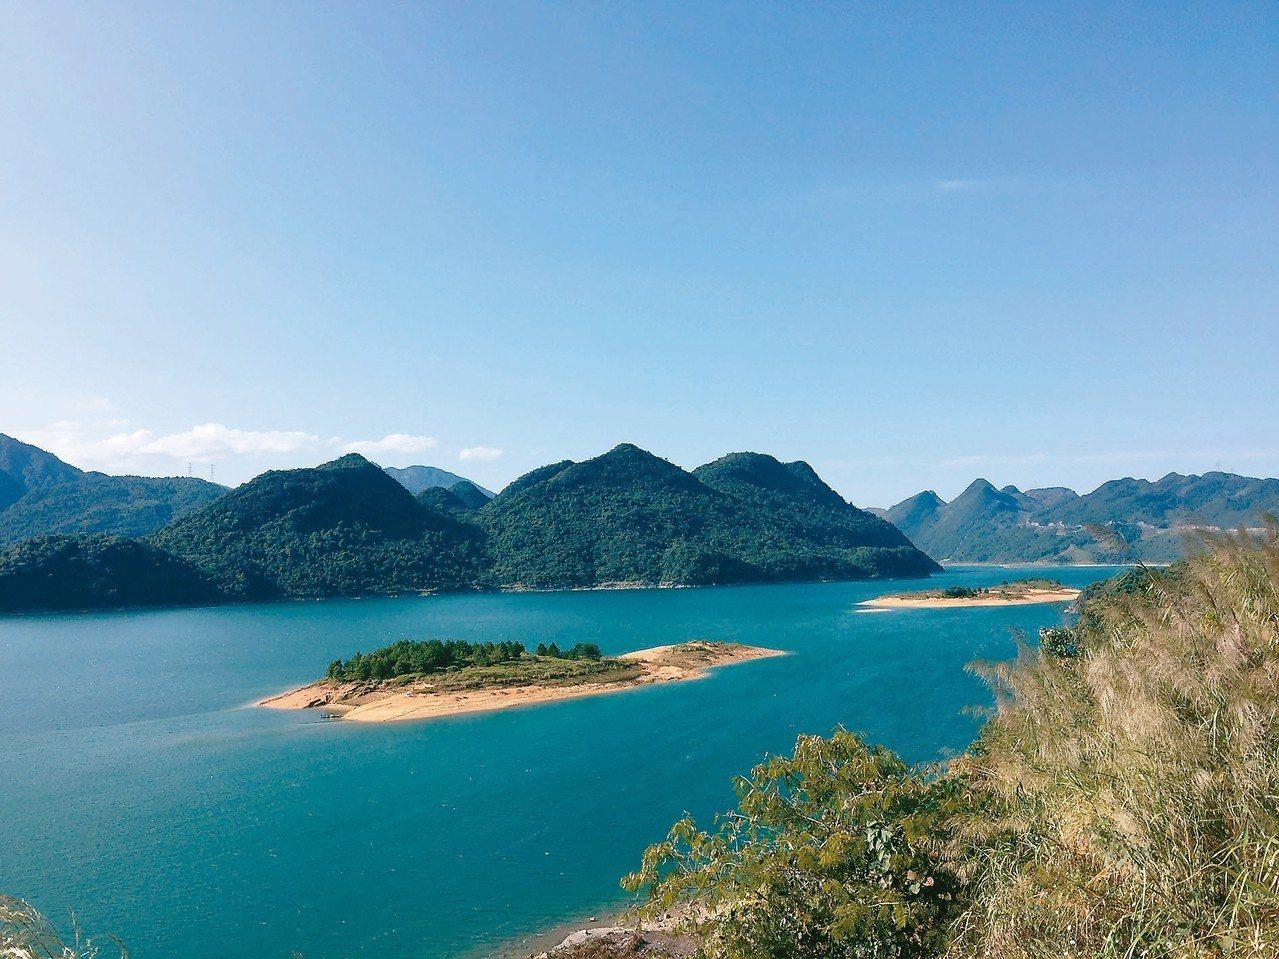 韶關市南水湖,是廣東第三大人工湖,因湖水清澈湛藍,又被稱為「藍水湖」。南水湖及其...